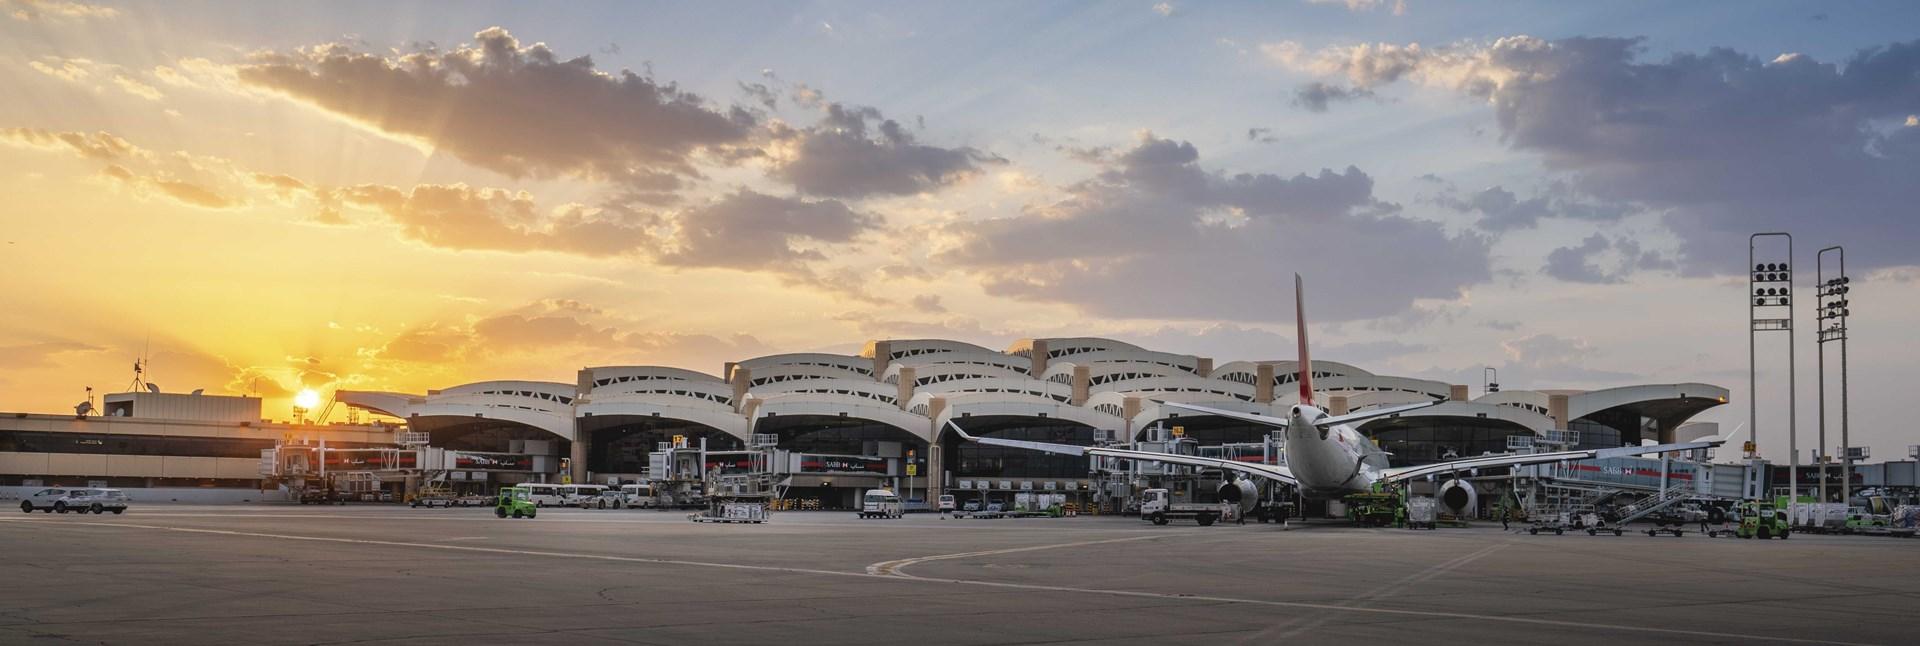 وظائف حراس أمن شركة مطارات الرياض 1442